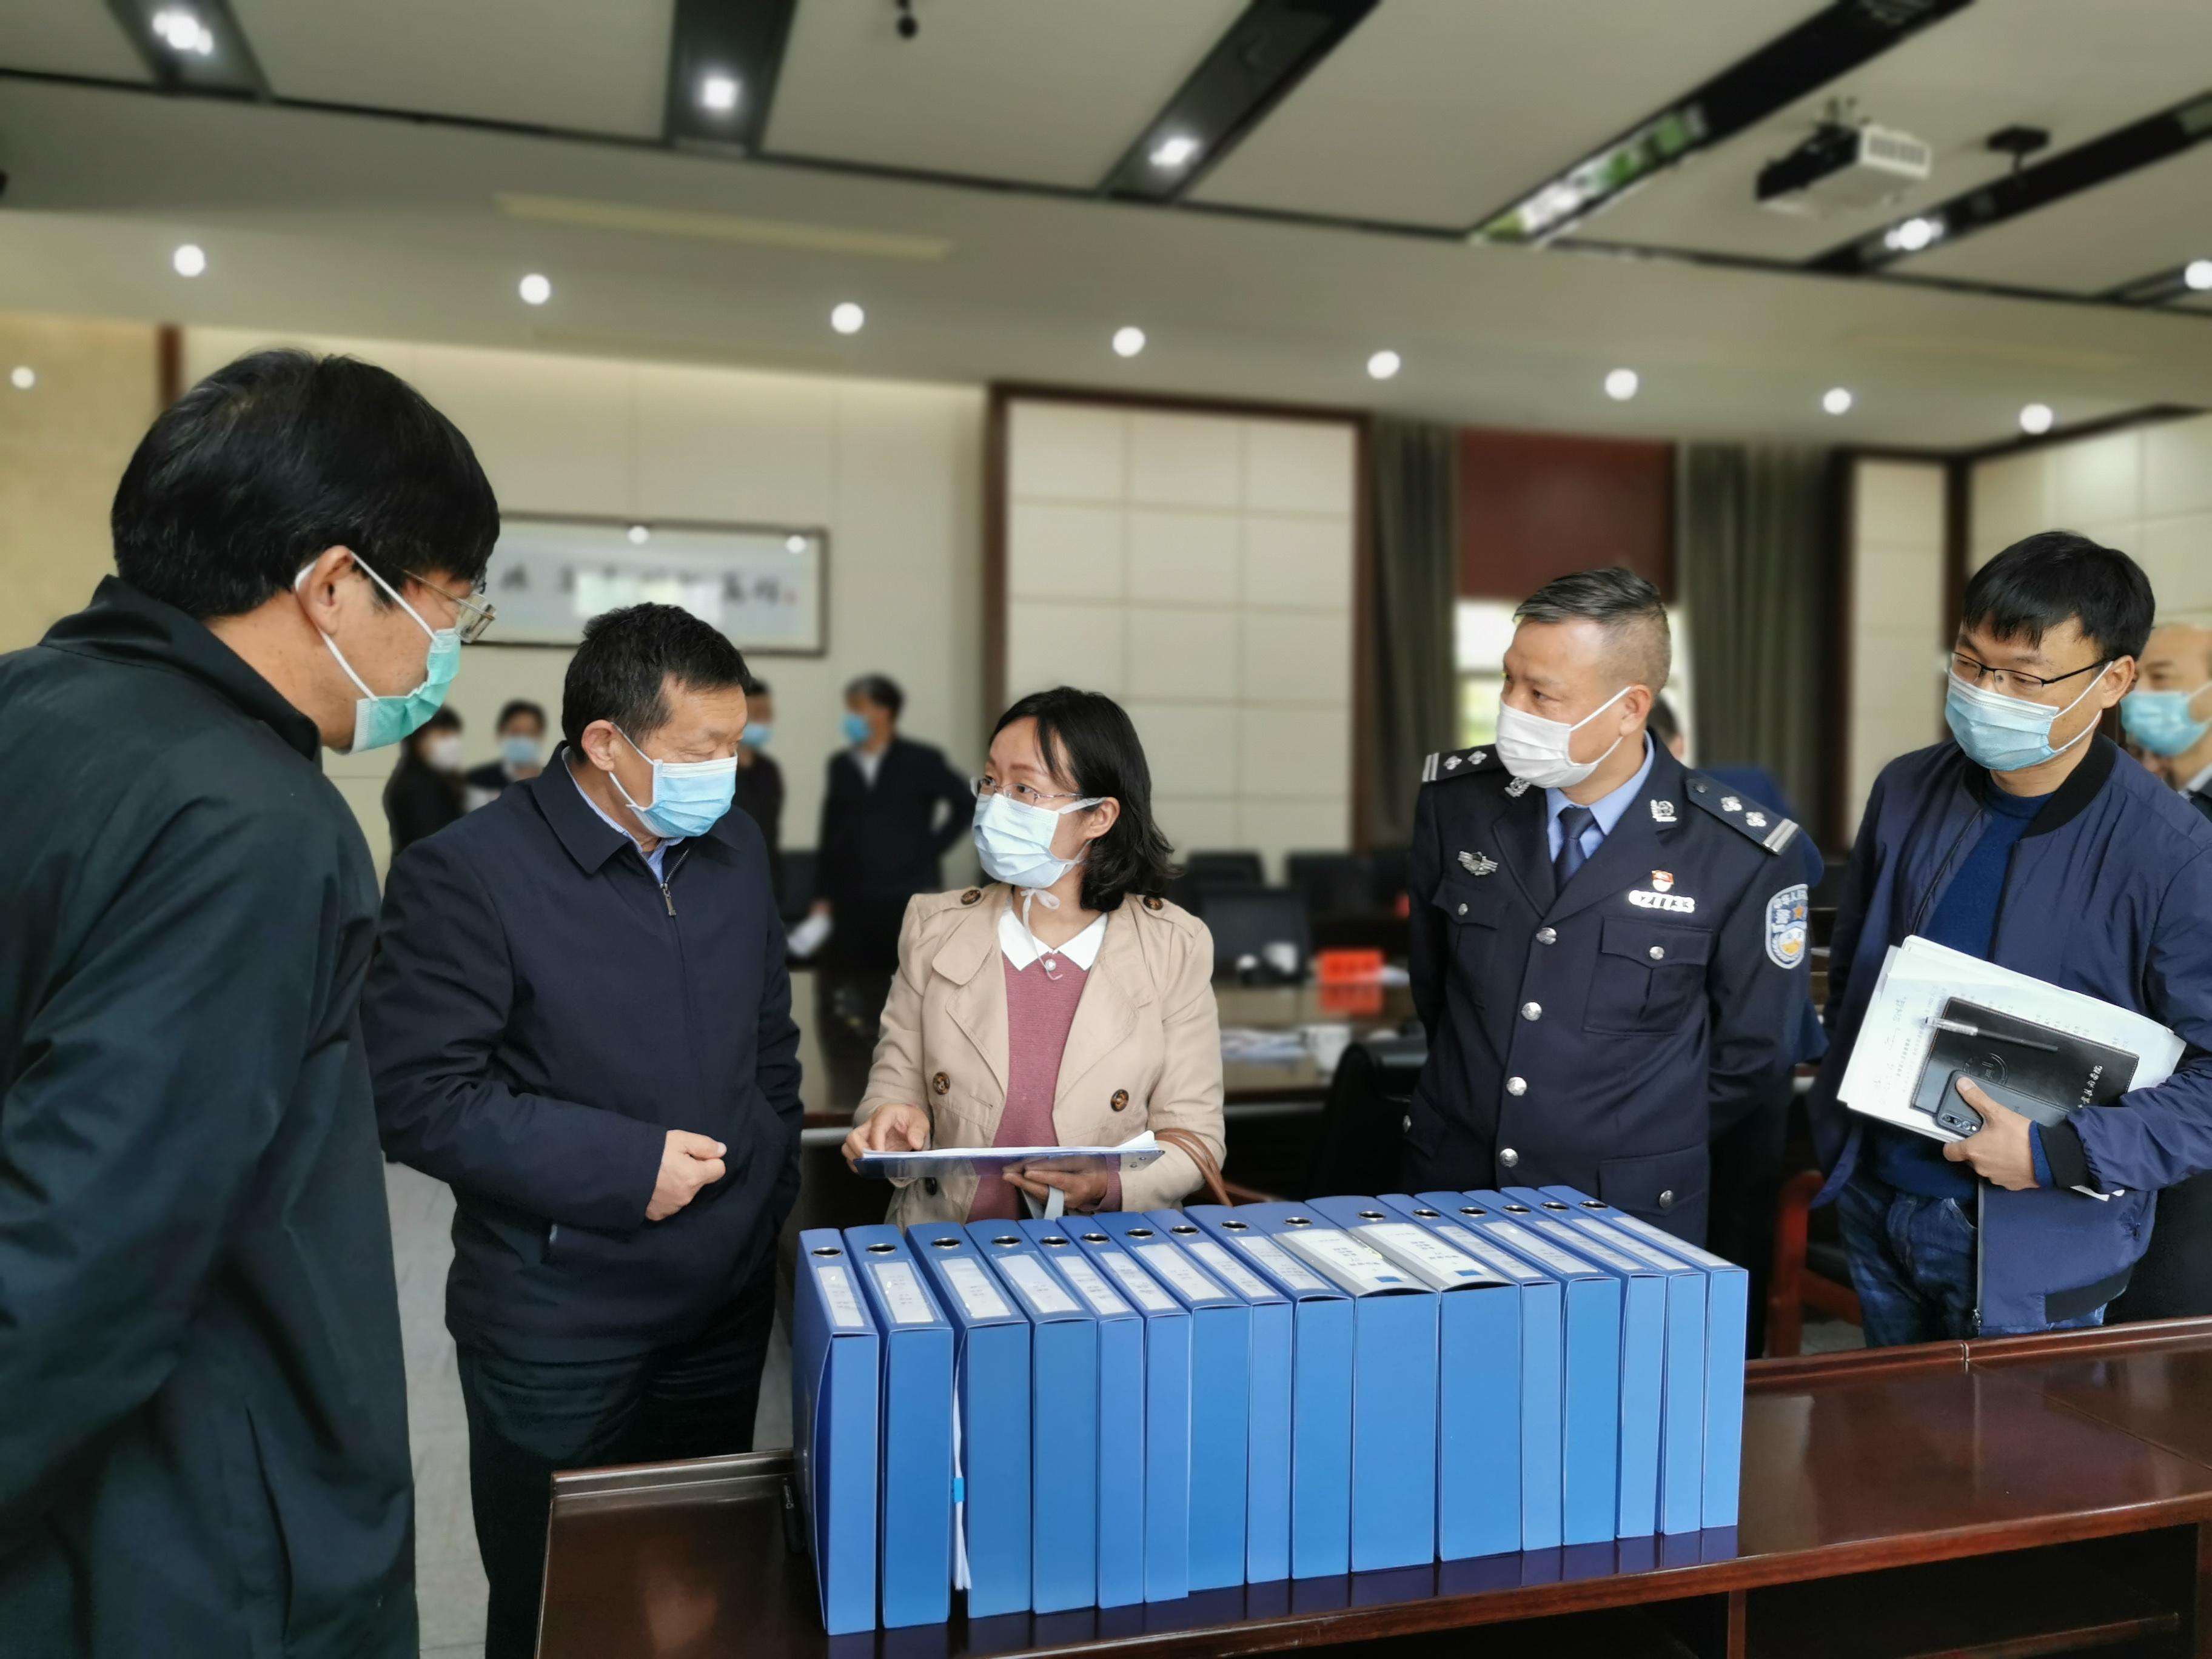 学校顺利通过宁波市教育局返校复学检查核验